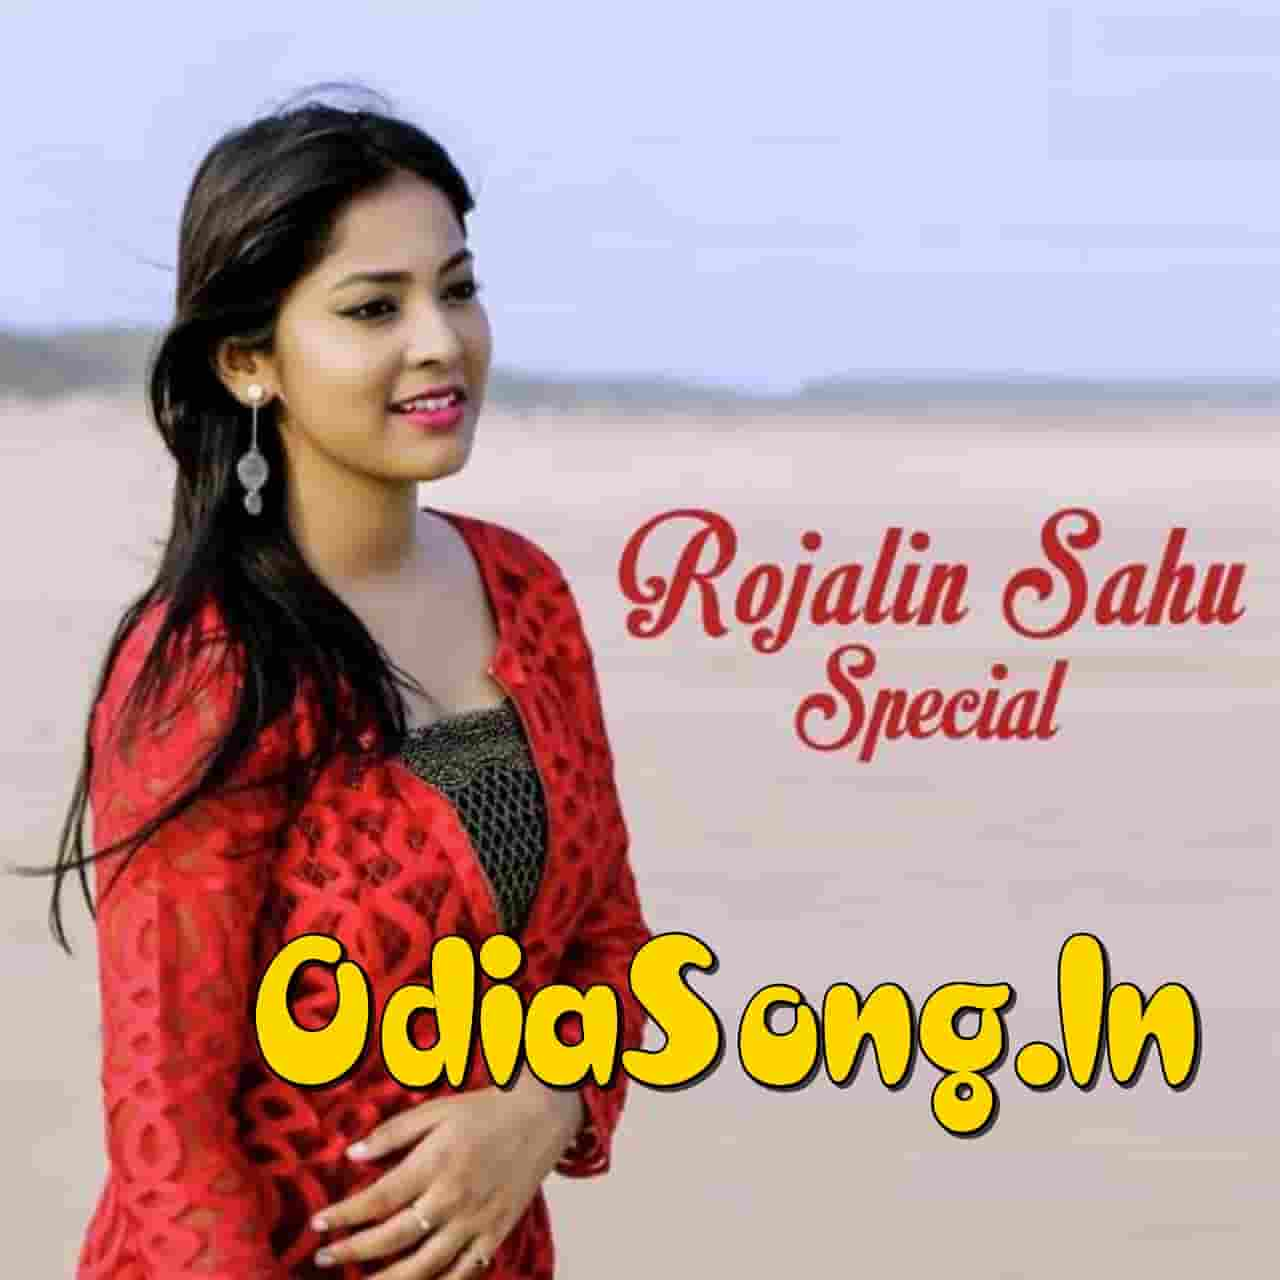 Prema Shayari - Romantic Song (Rojalin Sahu)